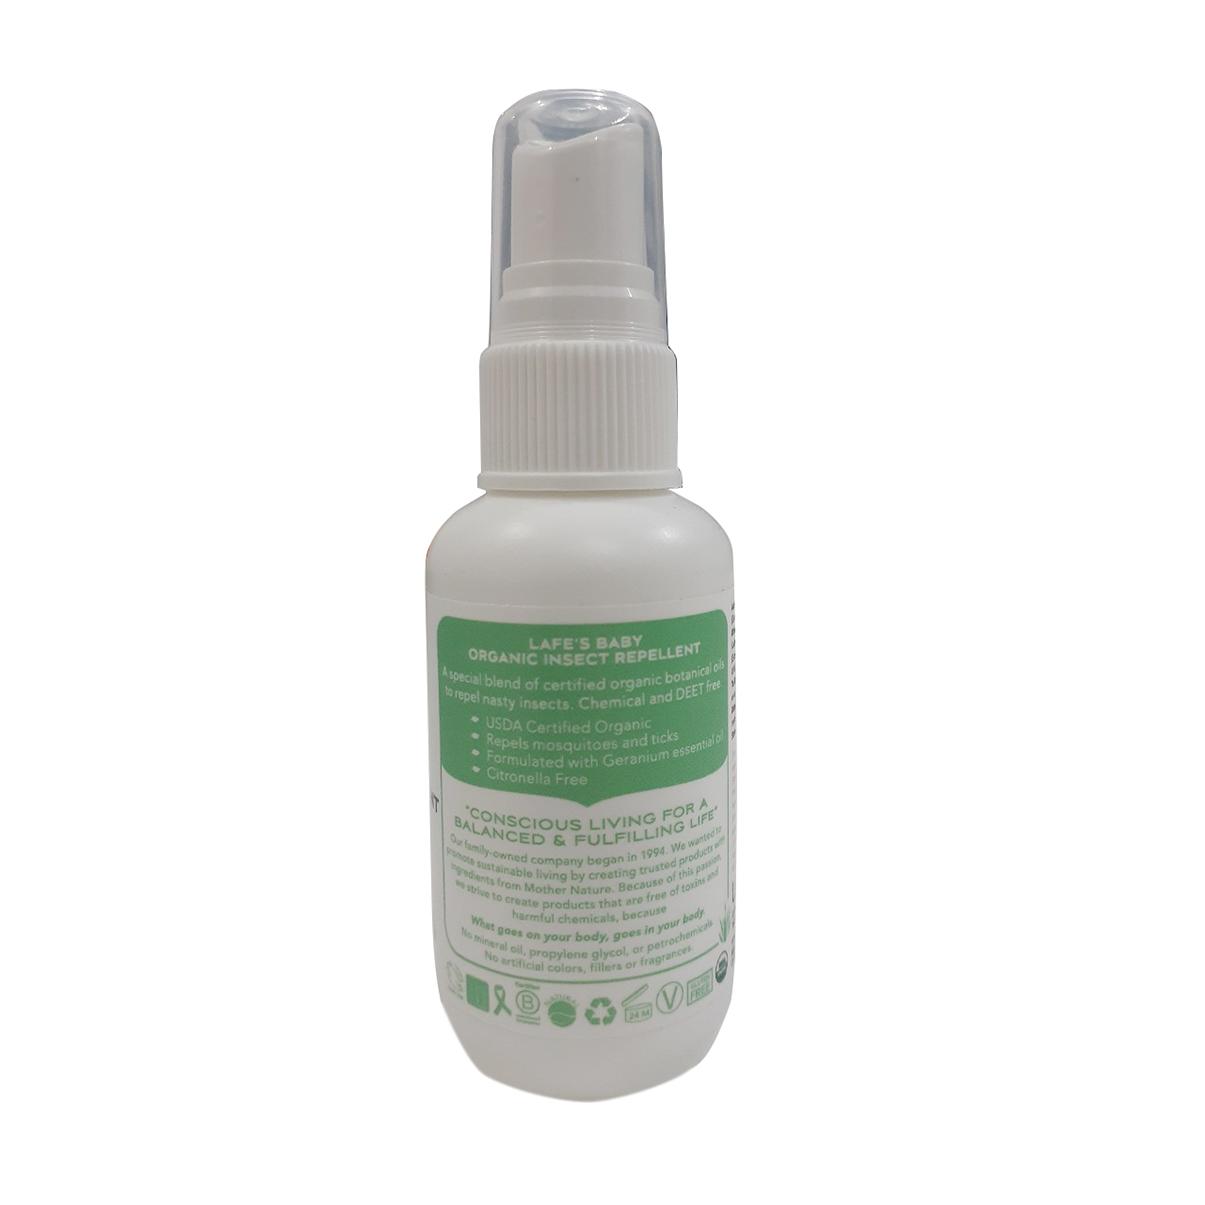 Tinh dầu chống muỗi cho bé Lafes Organic 59ml